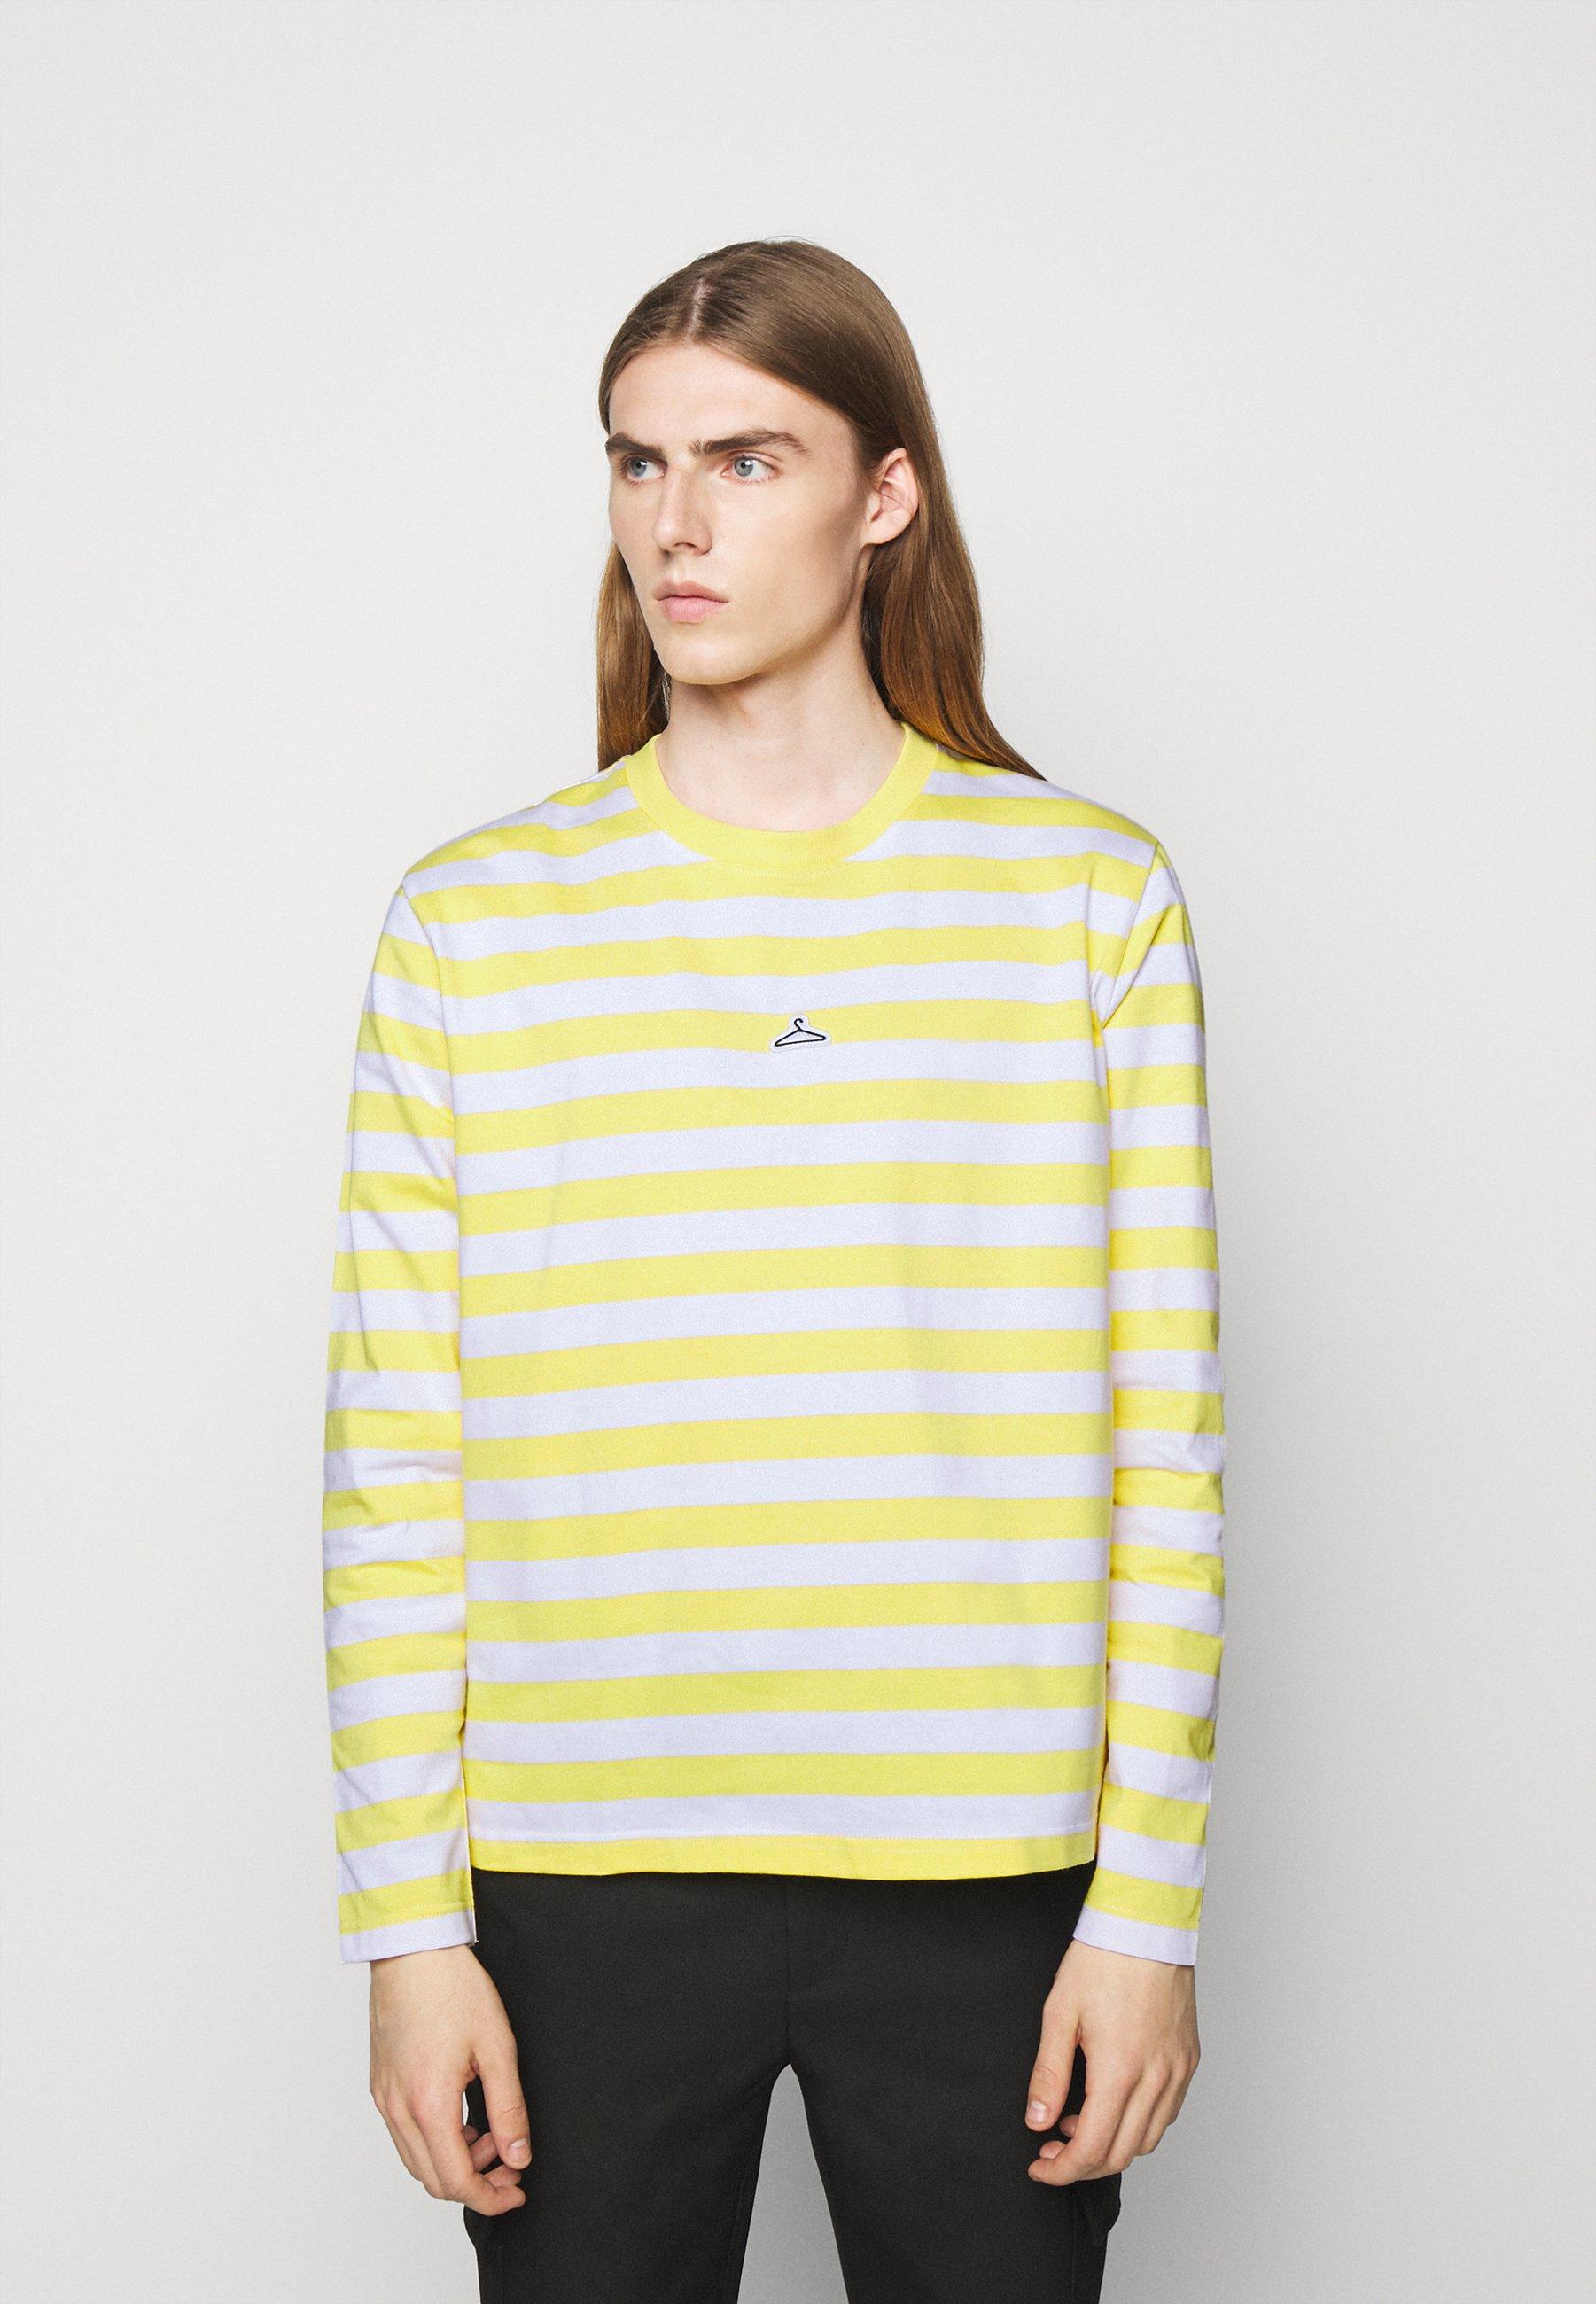 Men HANGER STRIPED LONGSLEEVE UNISEX - Long sleeved top - yellow/white